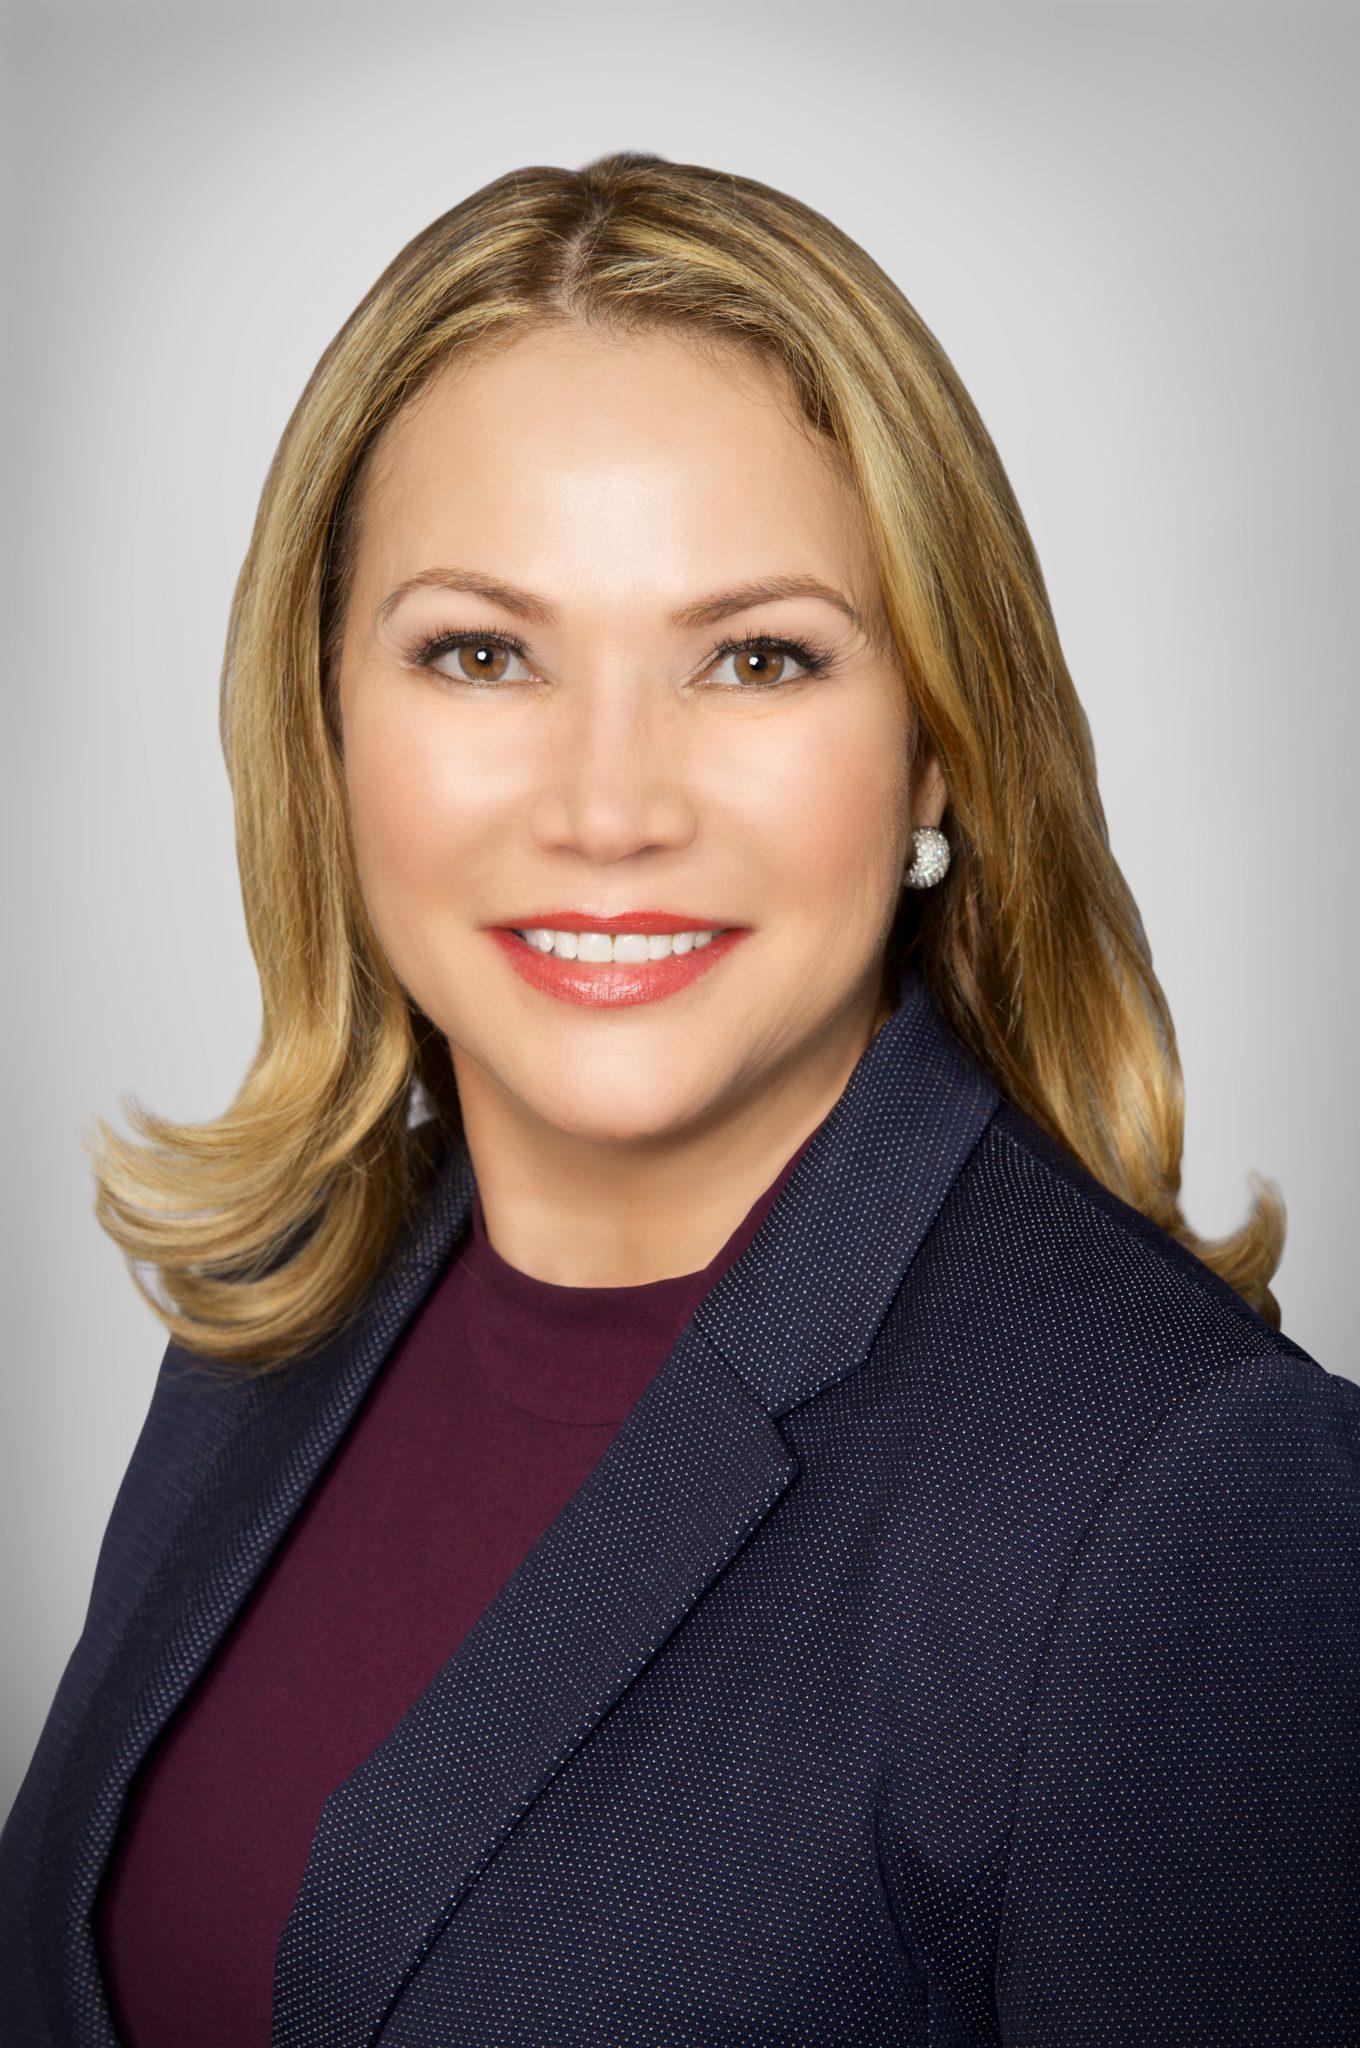 Cynthia Naughton